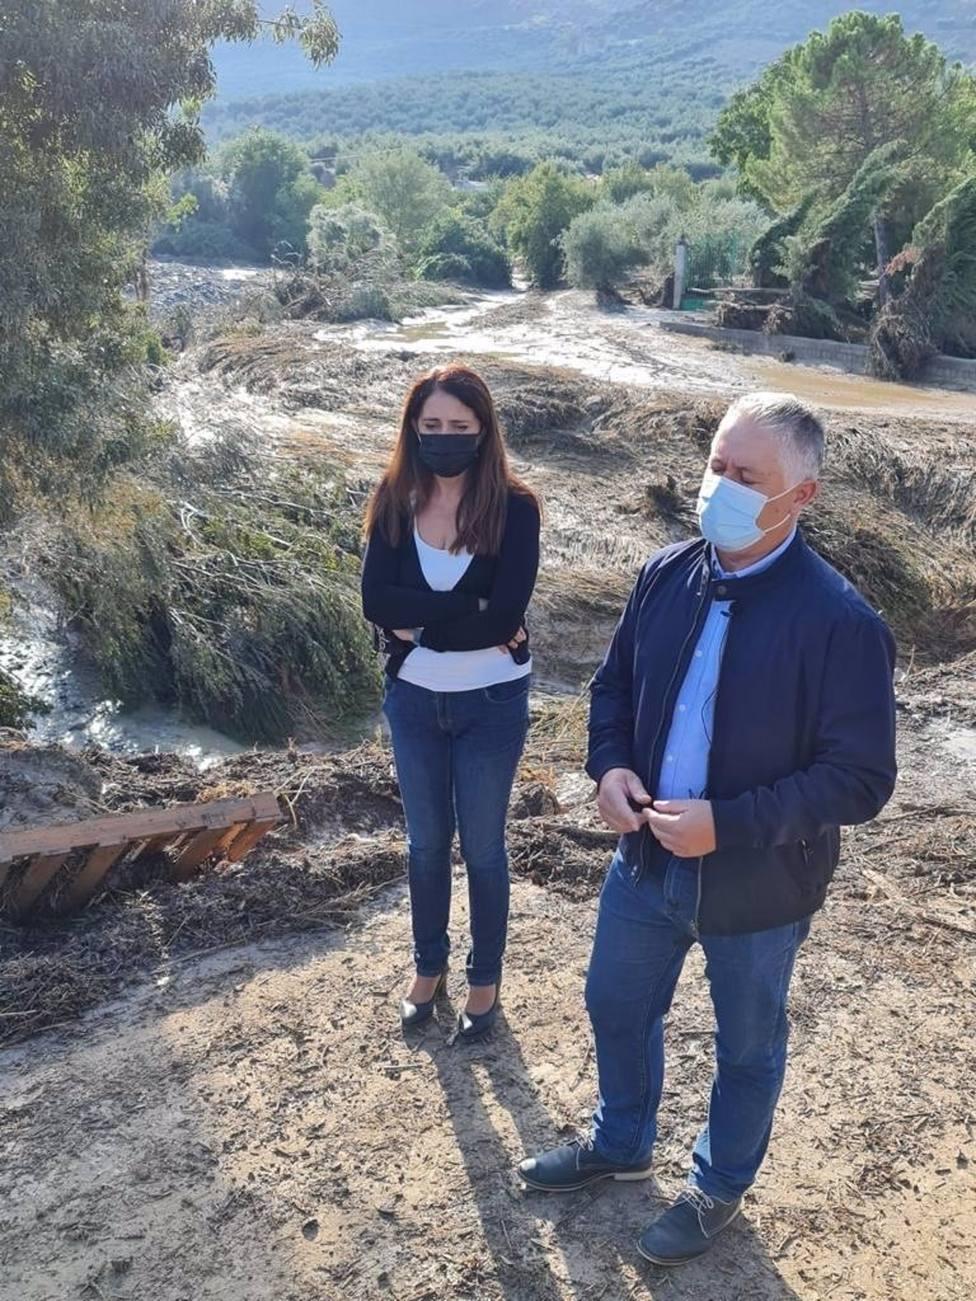 La Diputación trabaja en la limpieza de las carreteras de la comarca de los Montes tras la tormenta